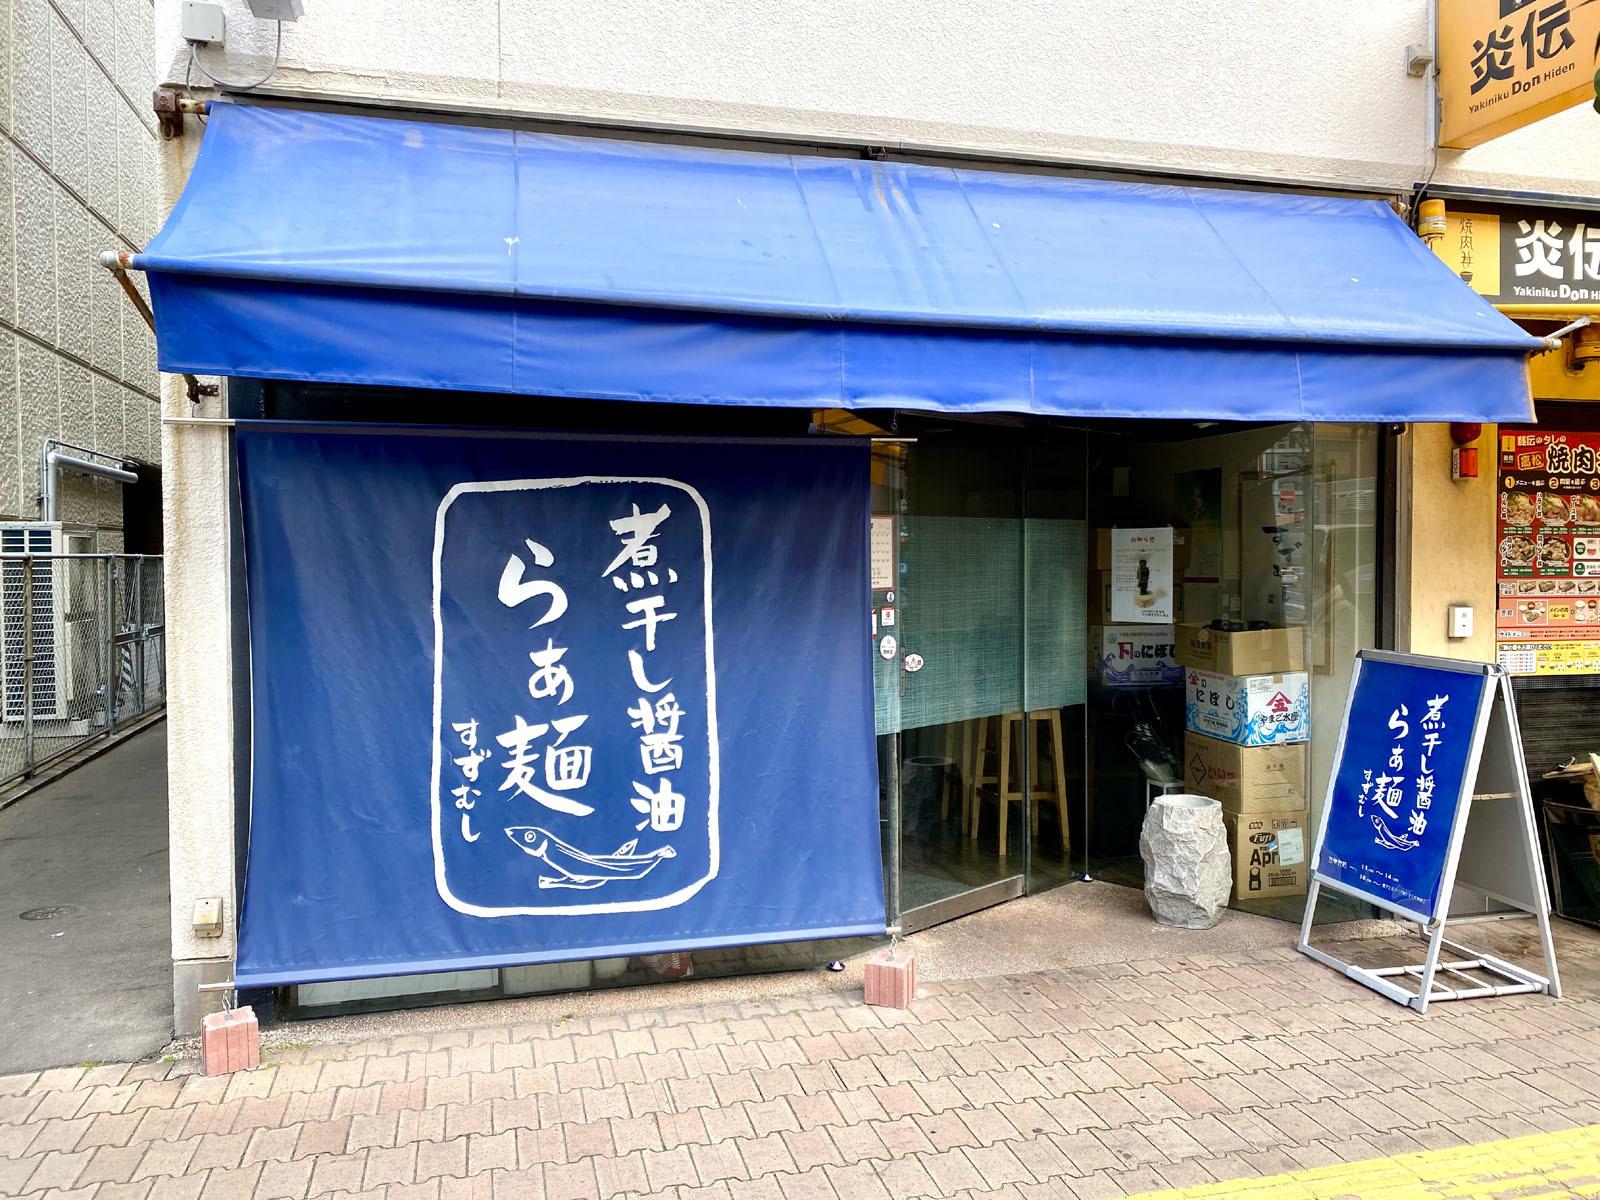 らぁ麺すずむし 01 店舗